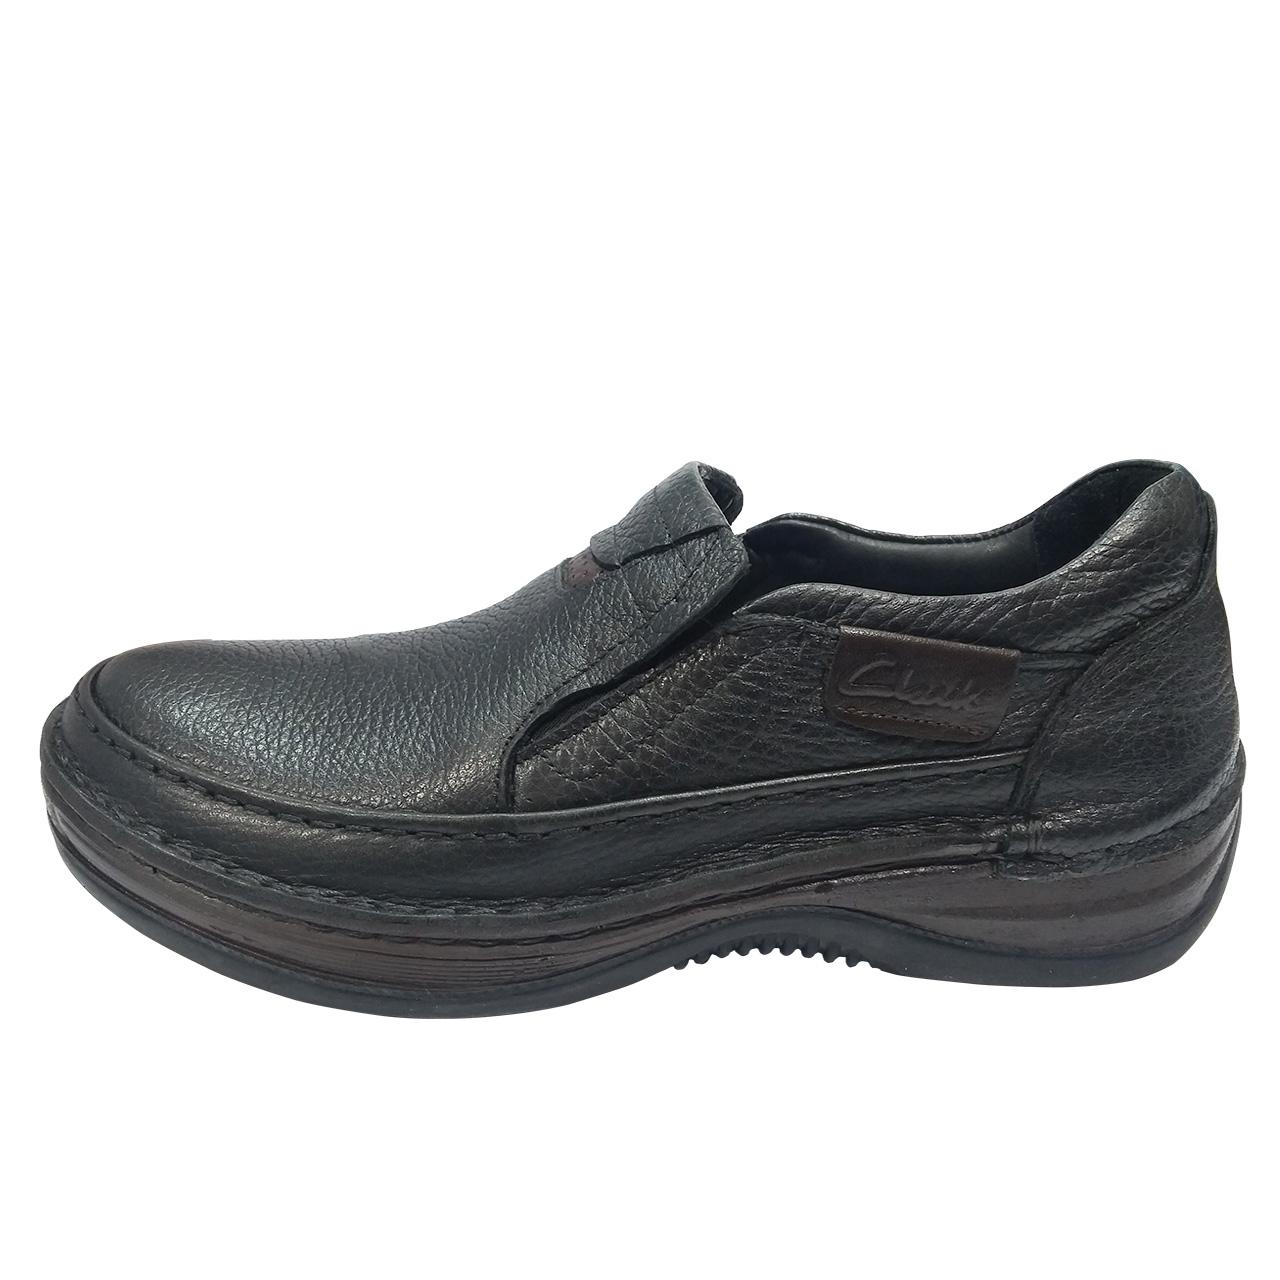 کفش طبی مردانه  مدل آتن کد 02